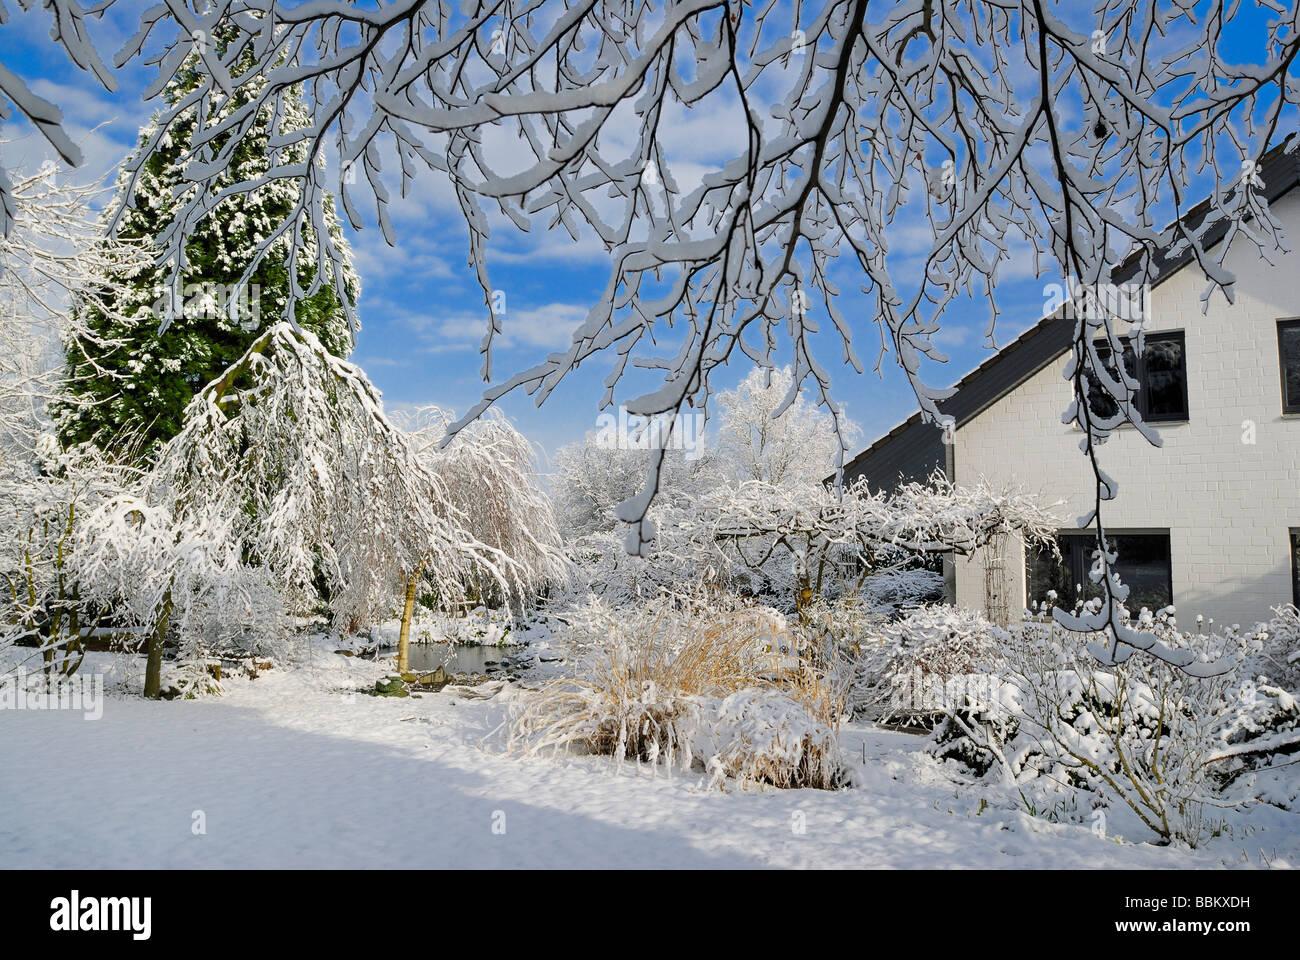 Garten Schnee Stockfotos Garten Schnee Bilder Alamy